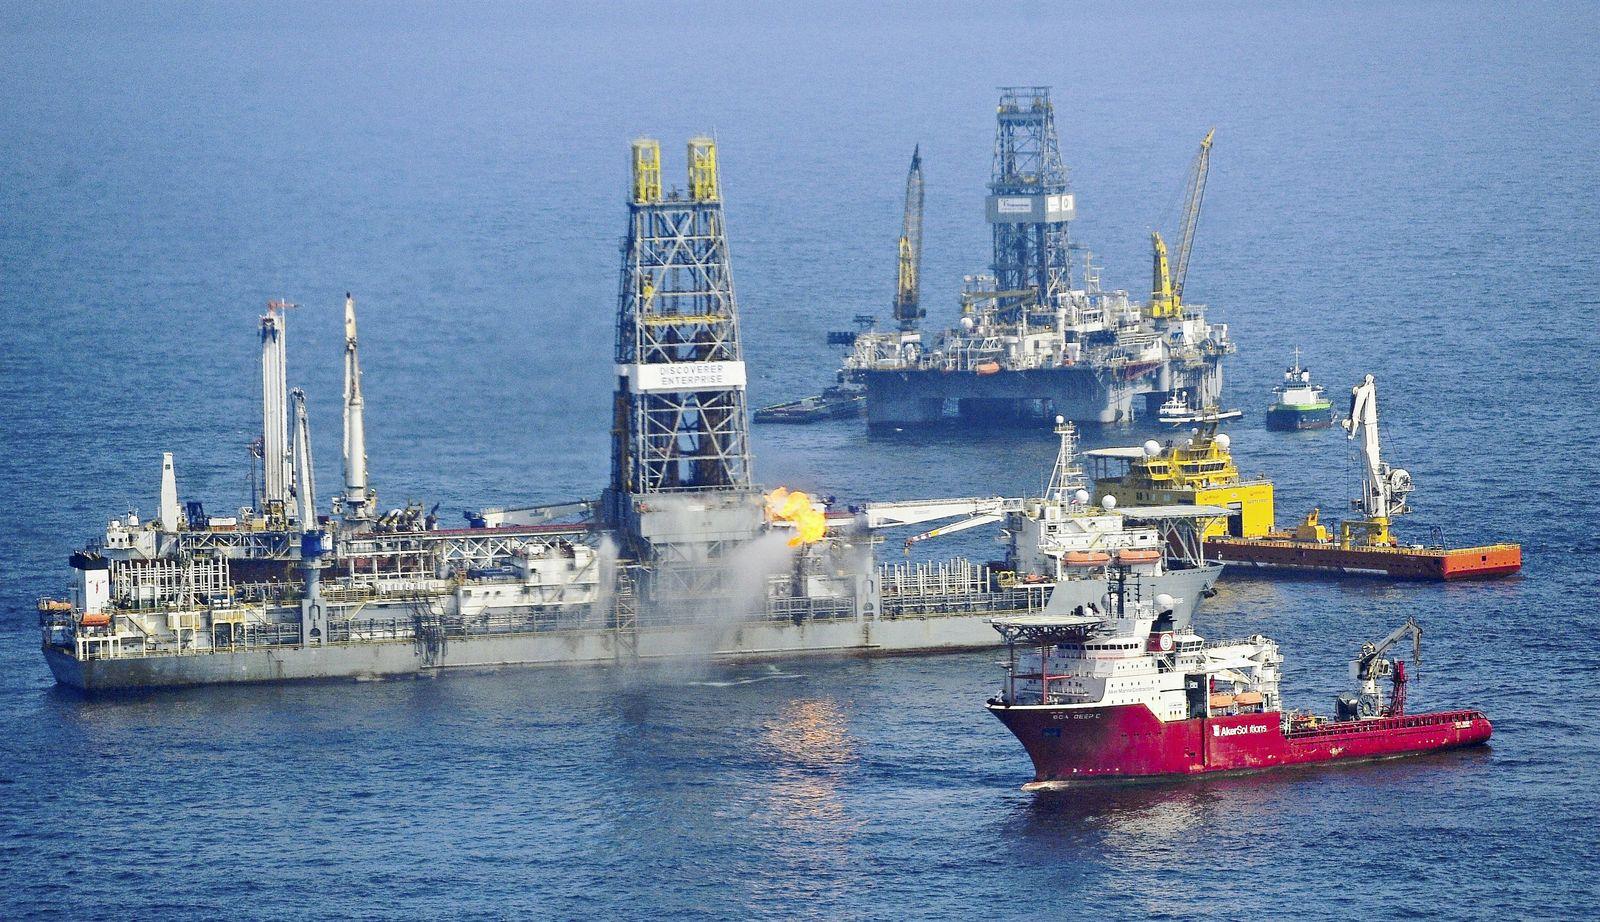 Ölpest im Golf - Abpumpen von Rohöl und Entlastungsbohrung